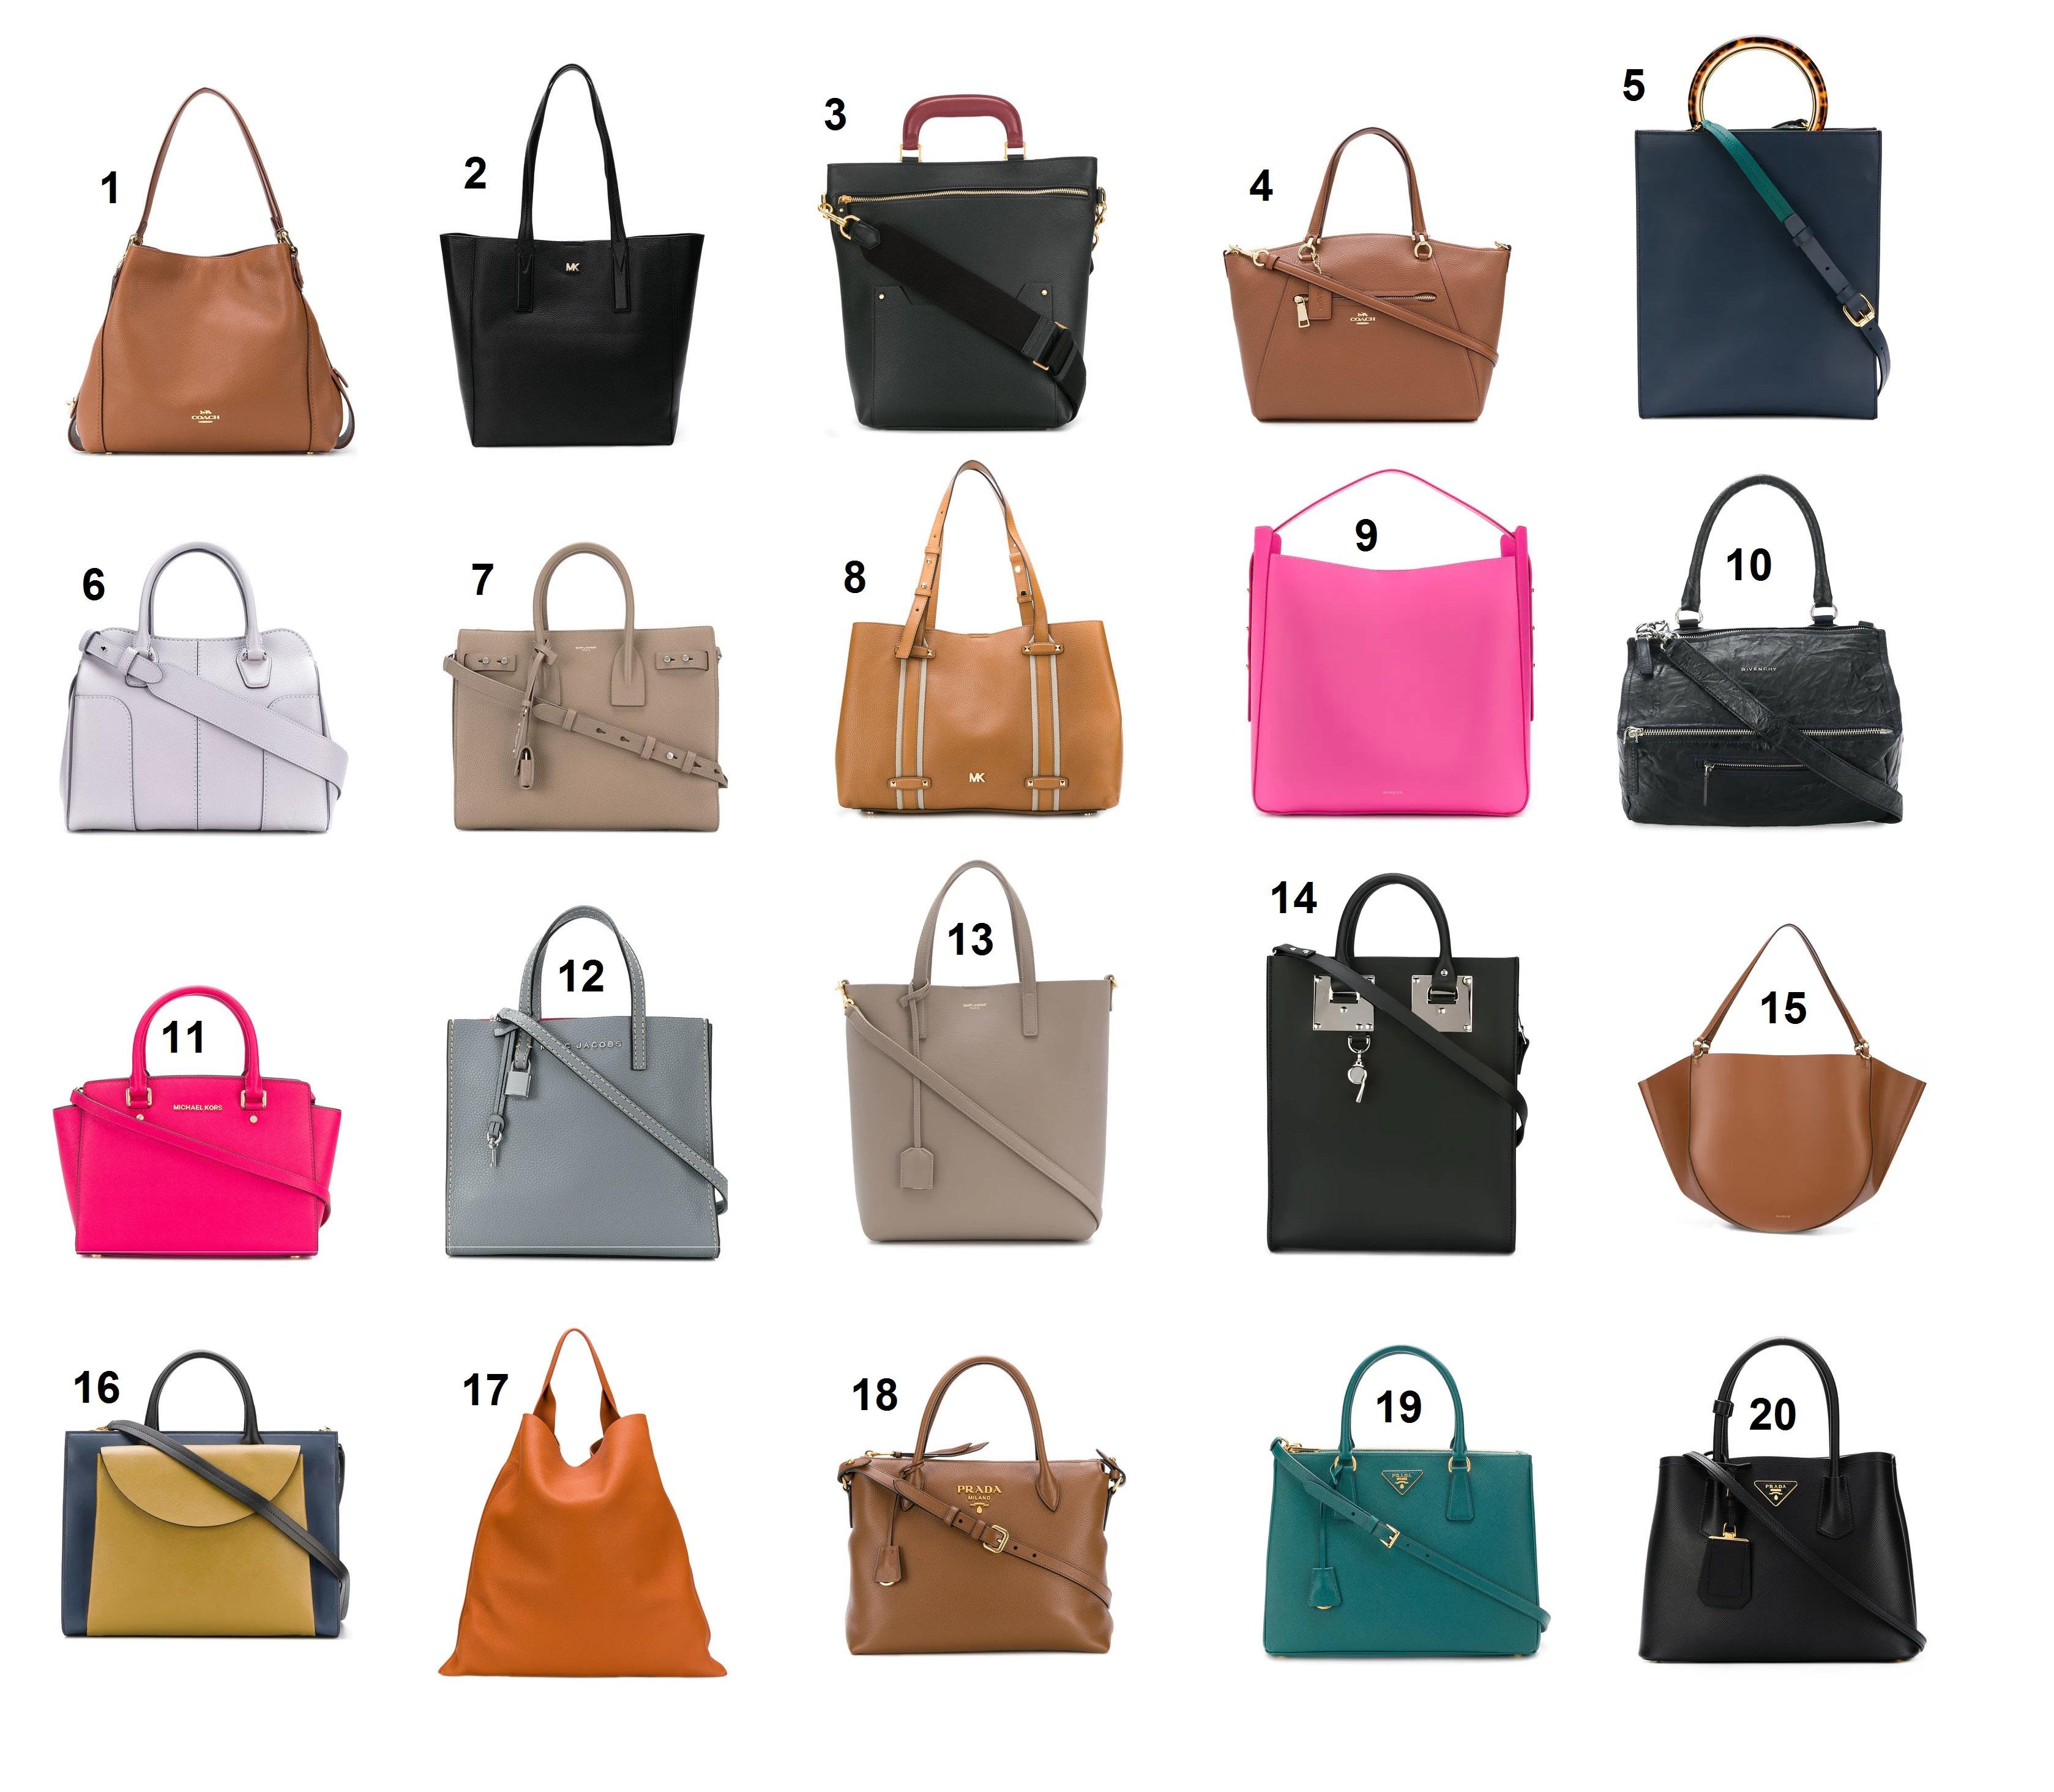 Что такое сумка кросс боди? как она выглядит? материалы, фурнитура, декорирование. виды сумочек. с чем ее носить? | категория статей на тему сумки